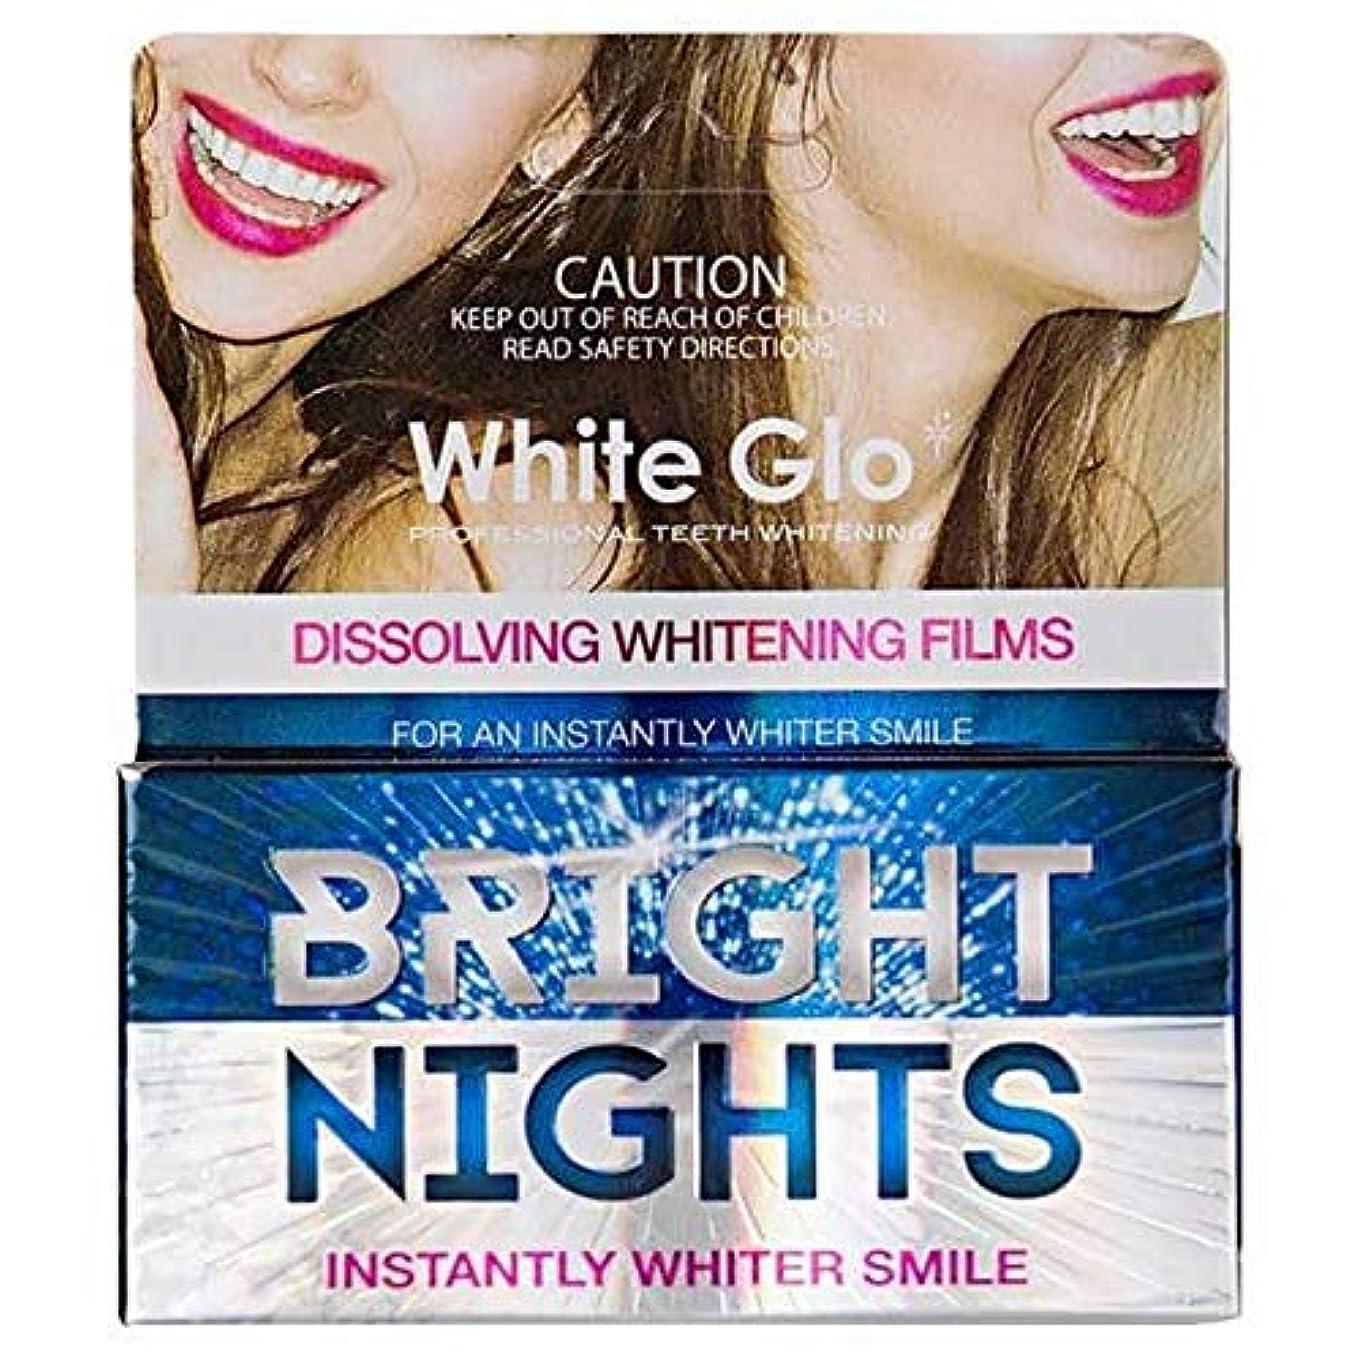 モッキンバード記者エンターテインメント[White Glo] 白色Glo明るい夜白色フィルム(非過酸化物) - White Glo Bright Nights White Films (Non-Peroxide) [並行輸入品]